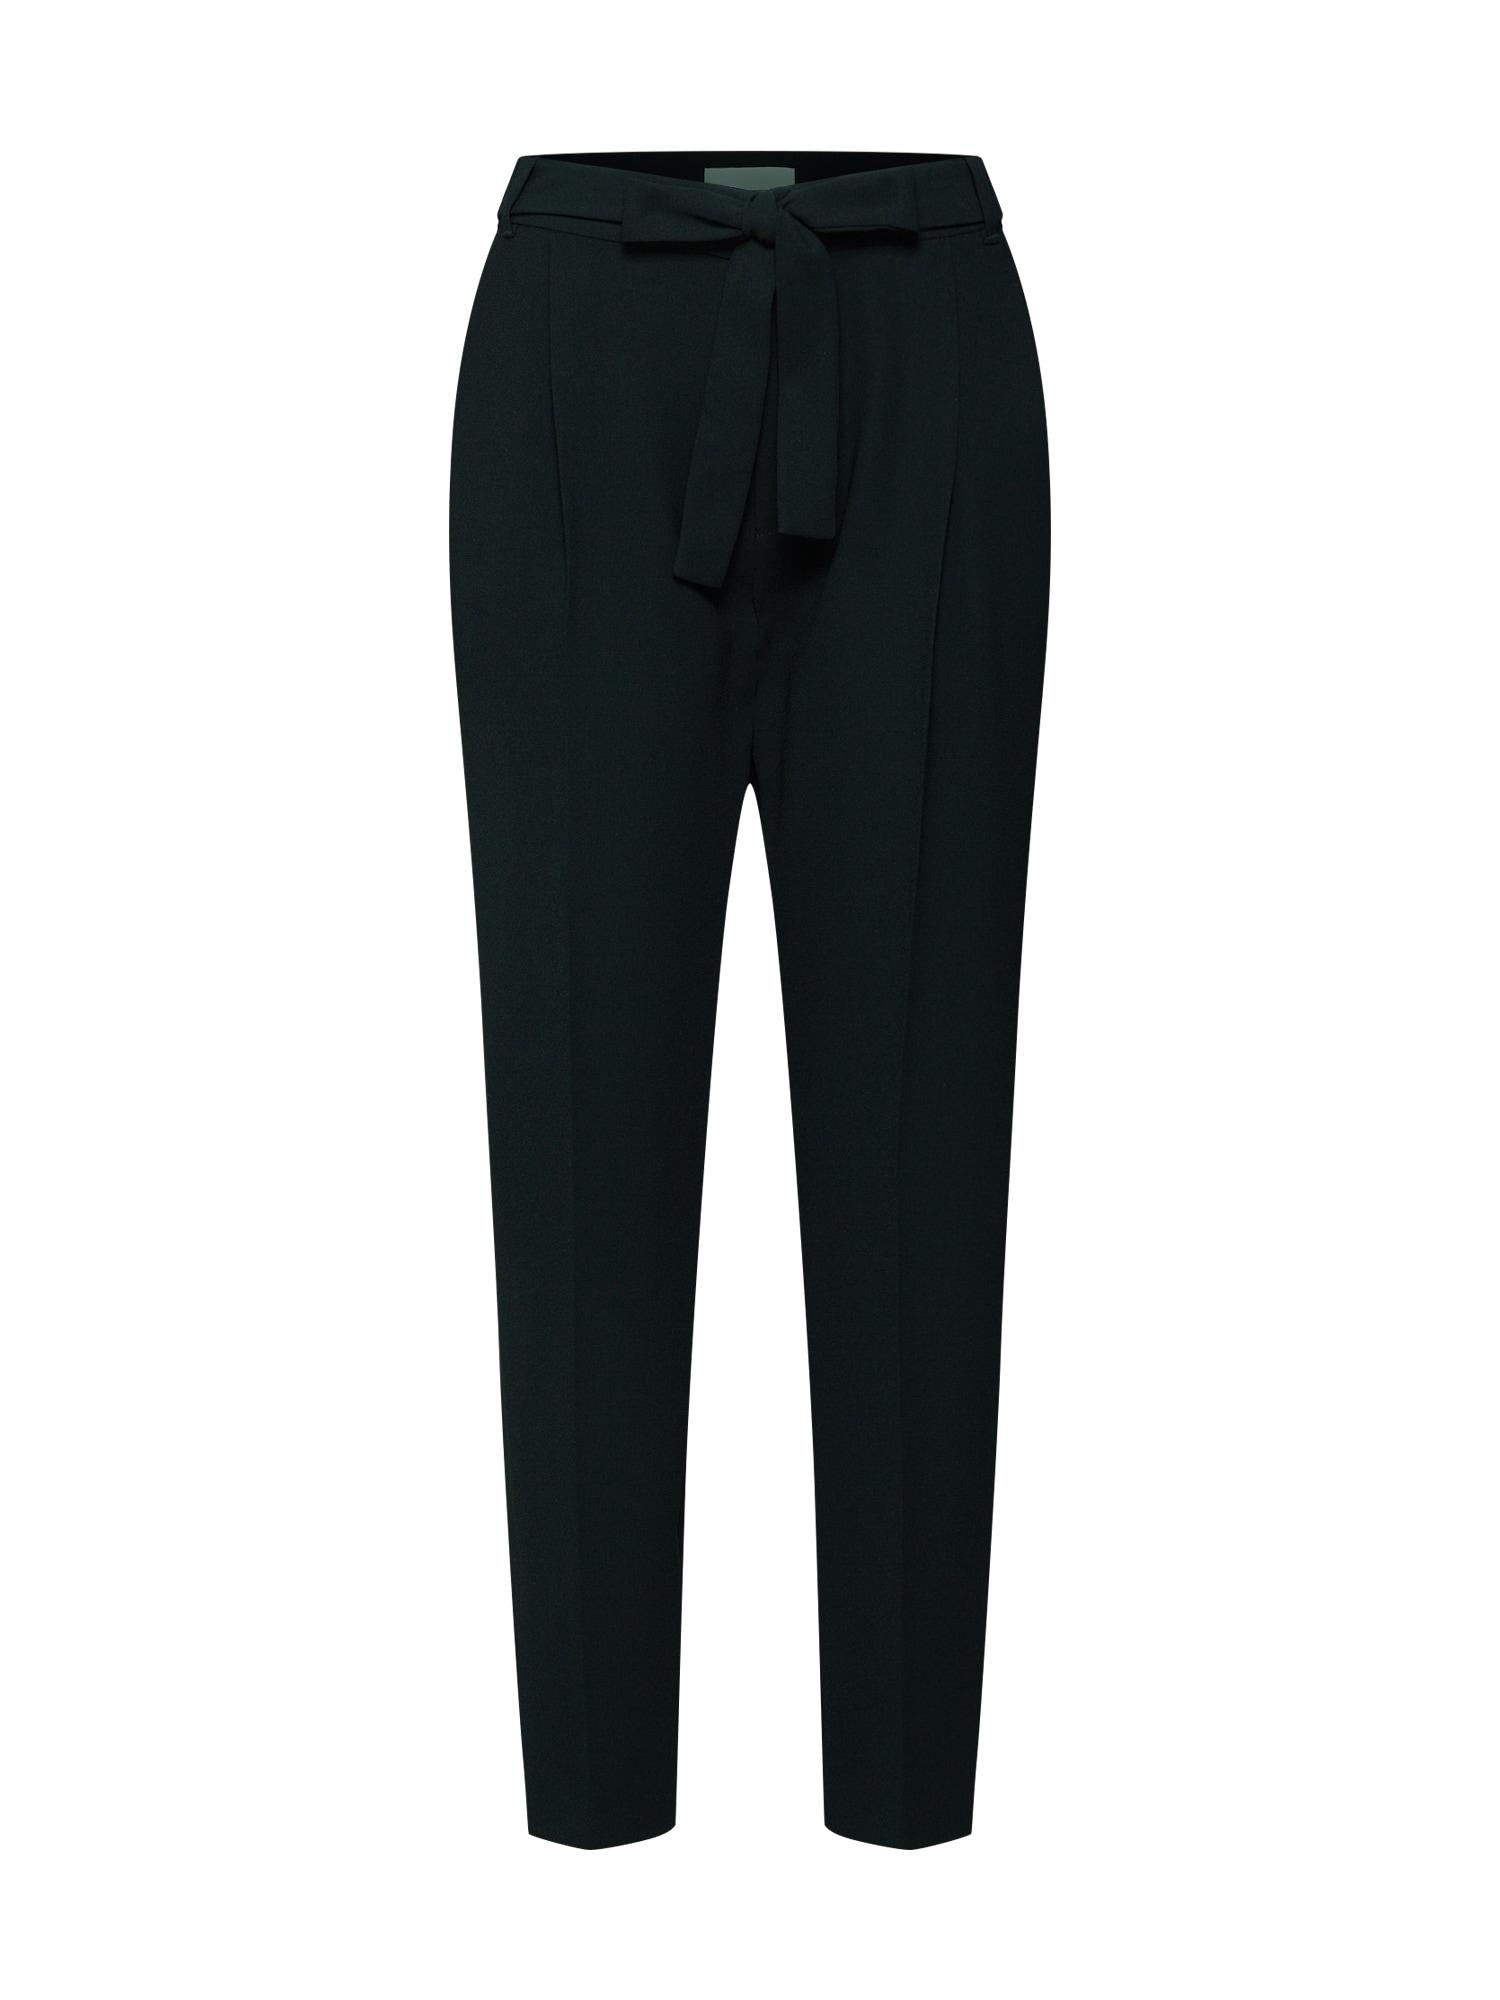 Kalhoty Tuch černá Talkabout